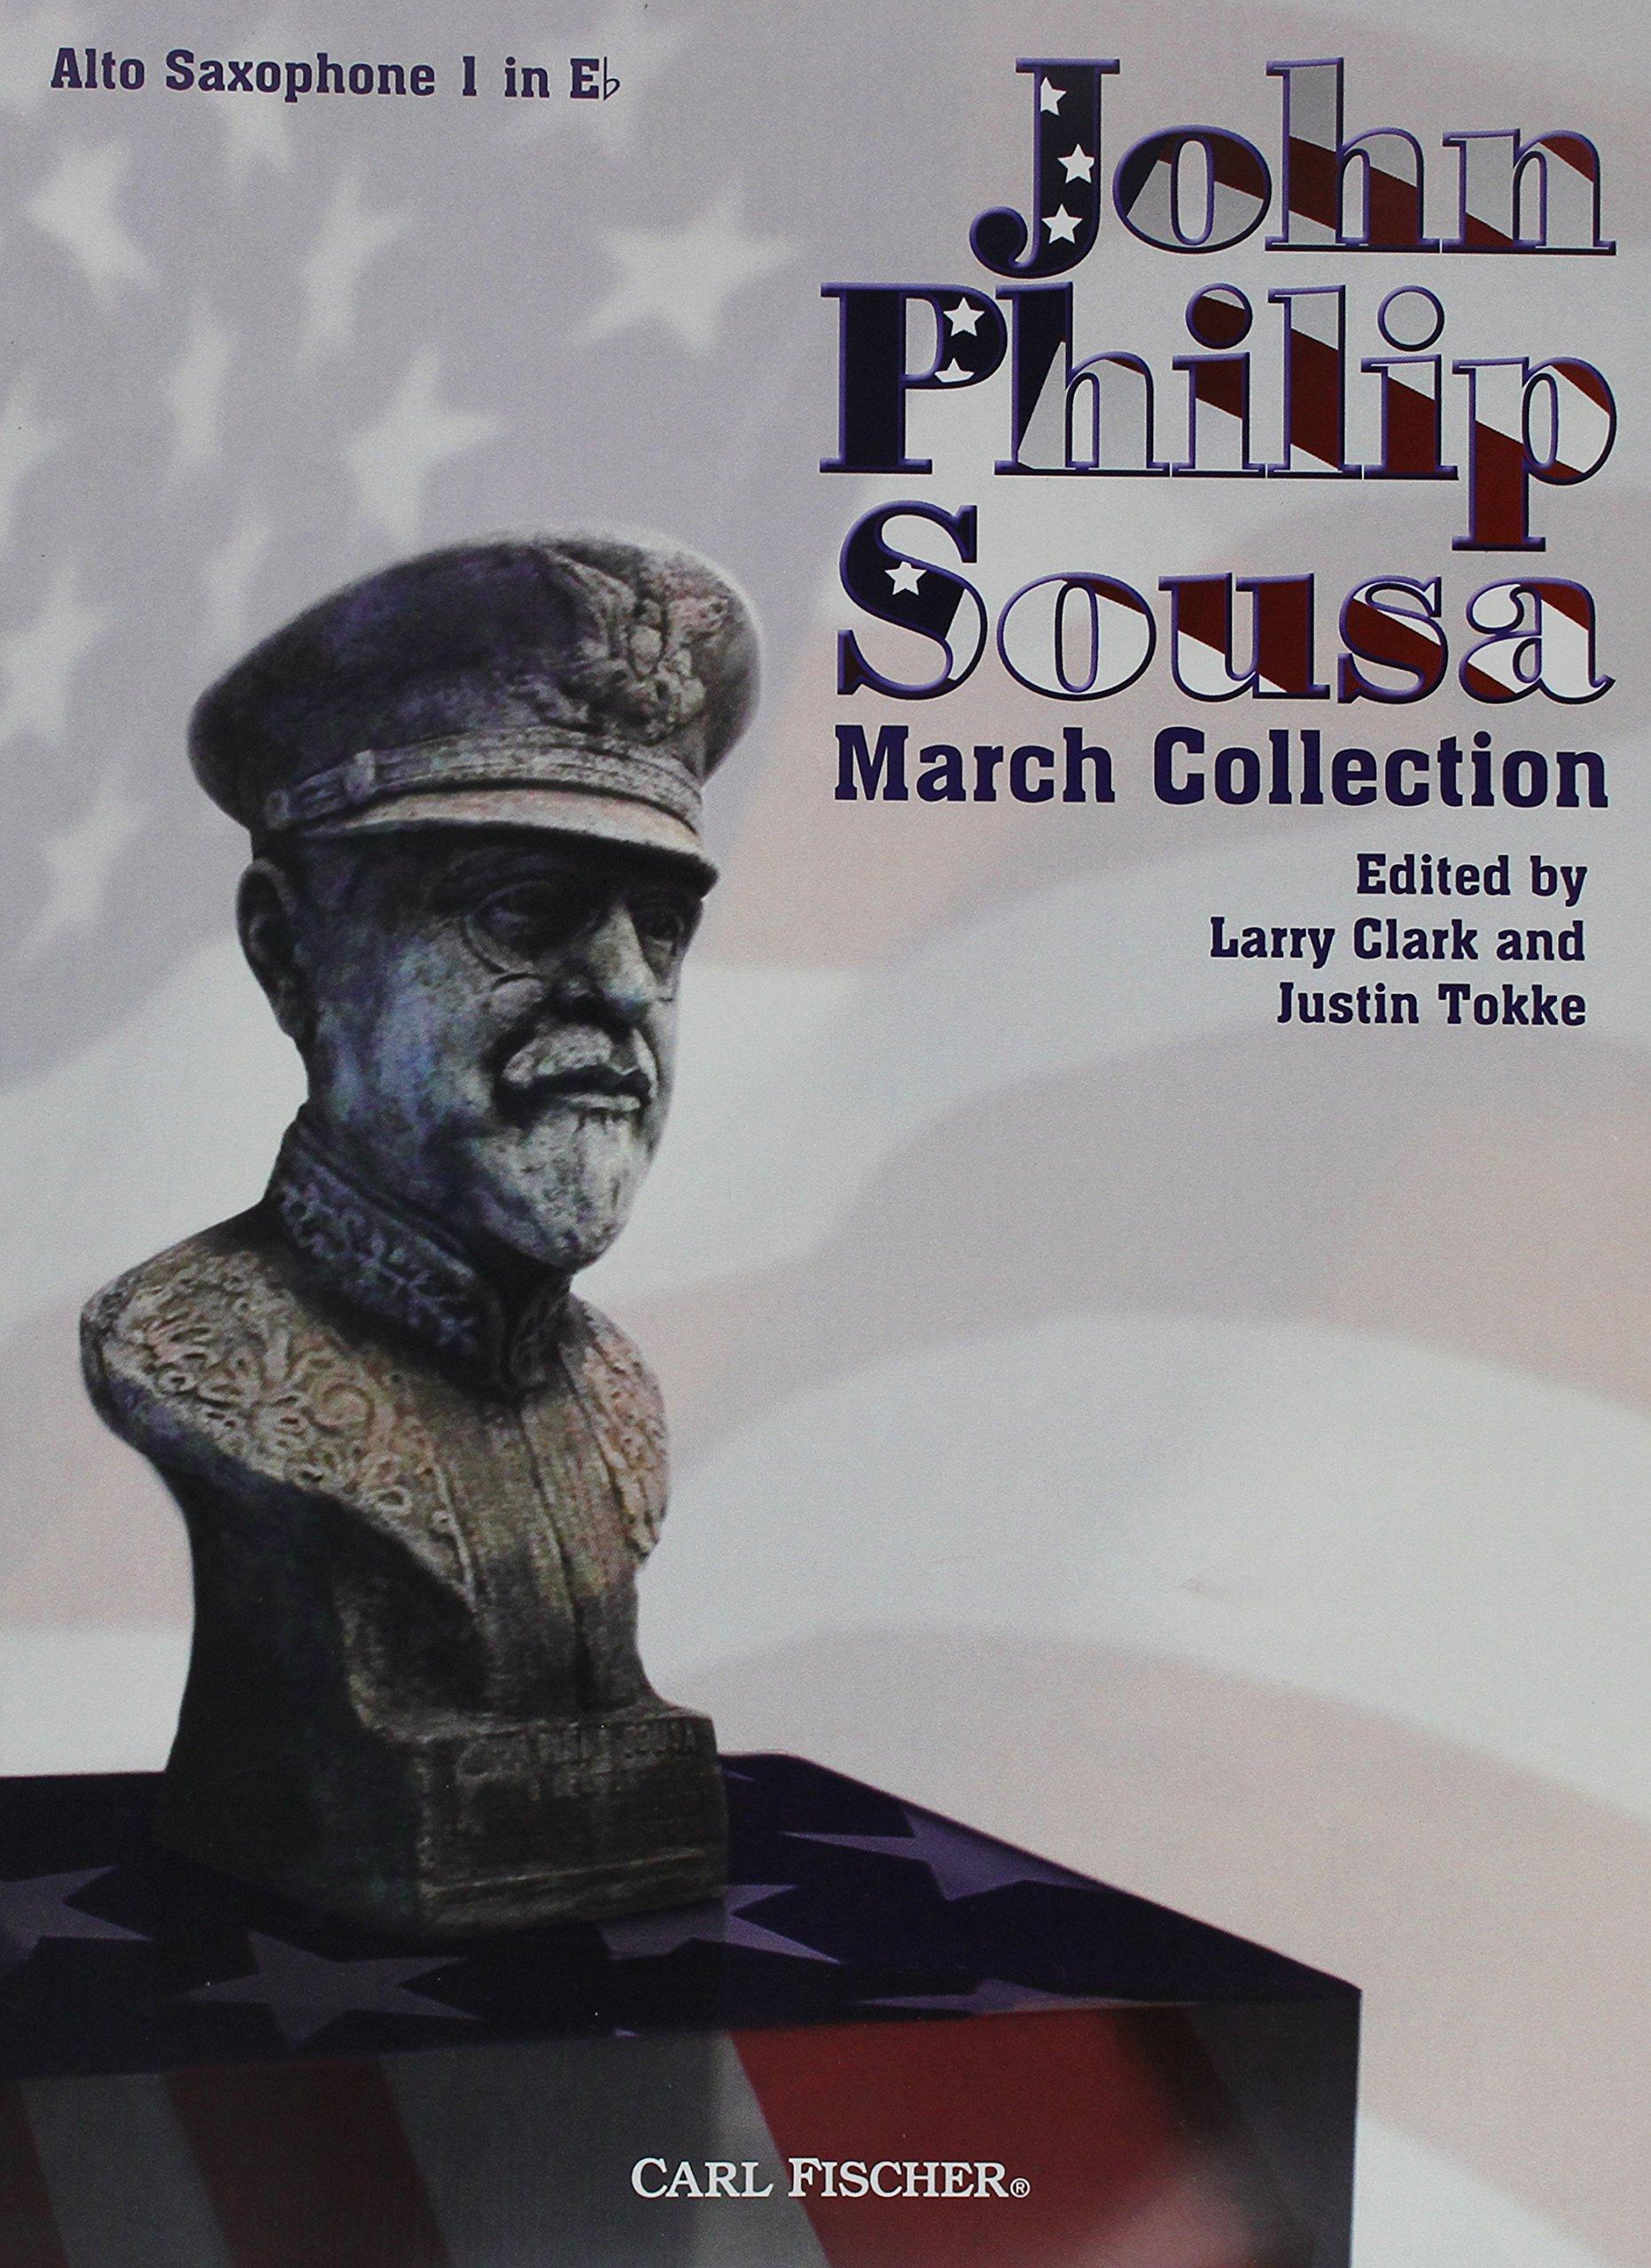 John Philip Sousa March Collection - Alto Sax 1